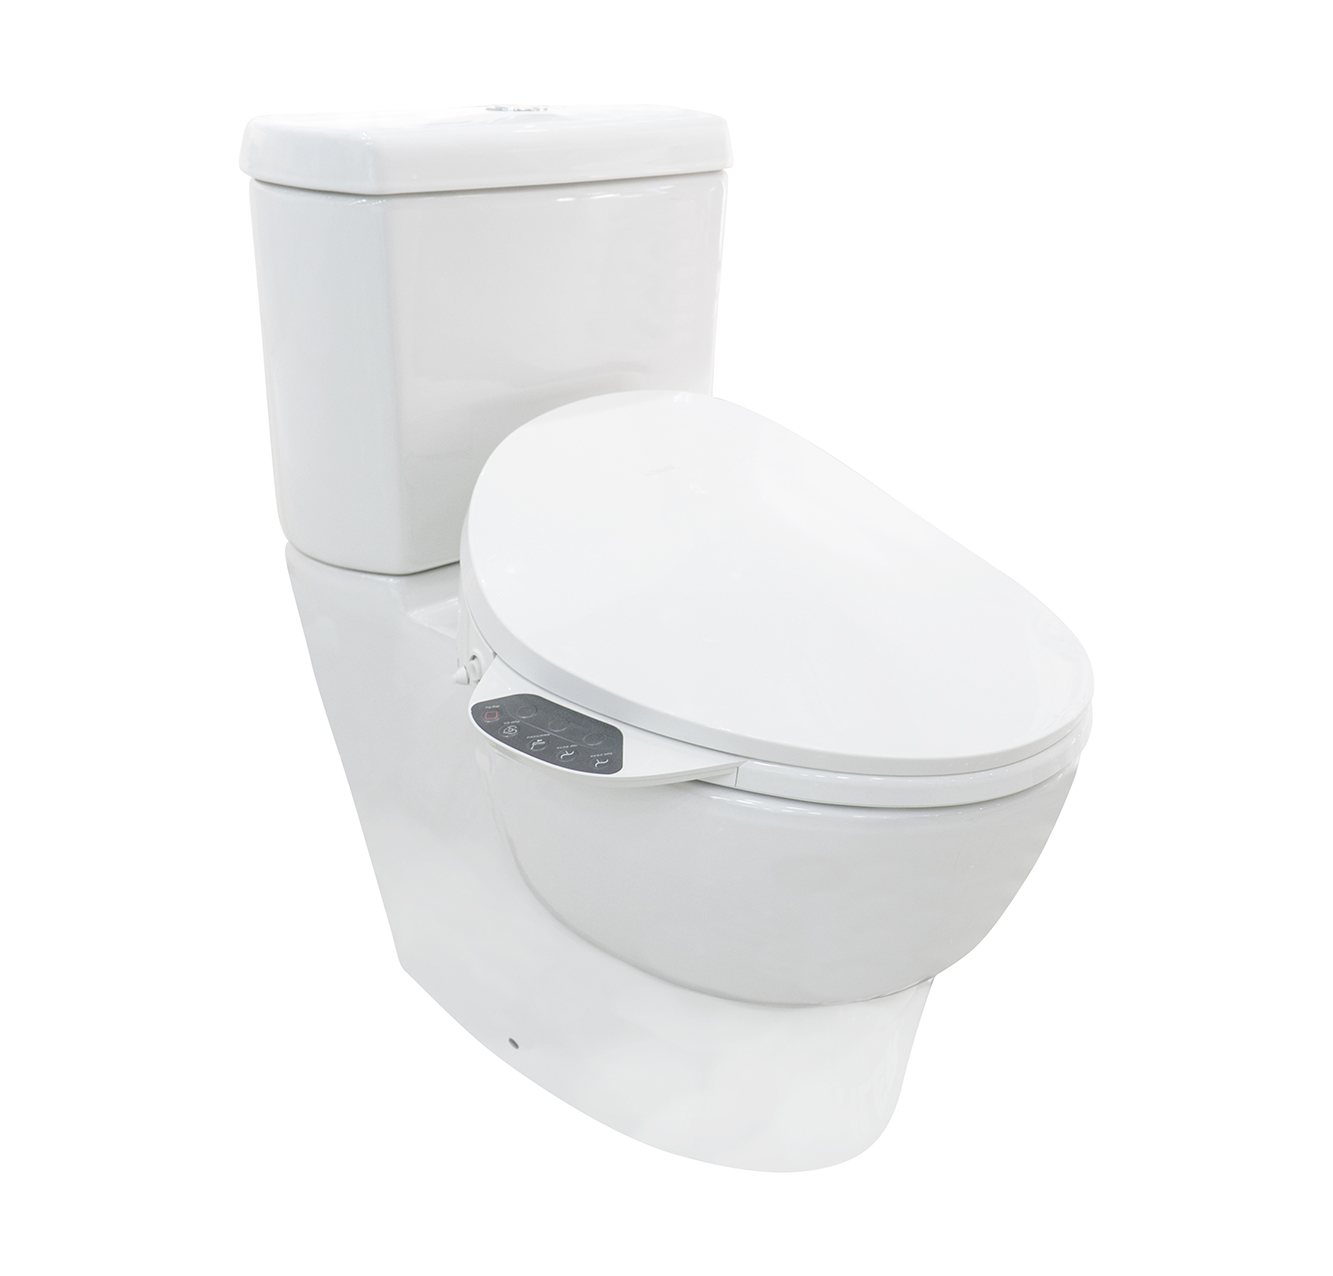 美國 KOHLER Ove 相連式自由咀座廁 配 C3-130 高效型K-4107T 電子廁板 精選組合